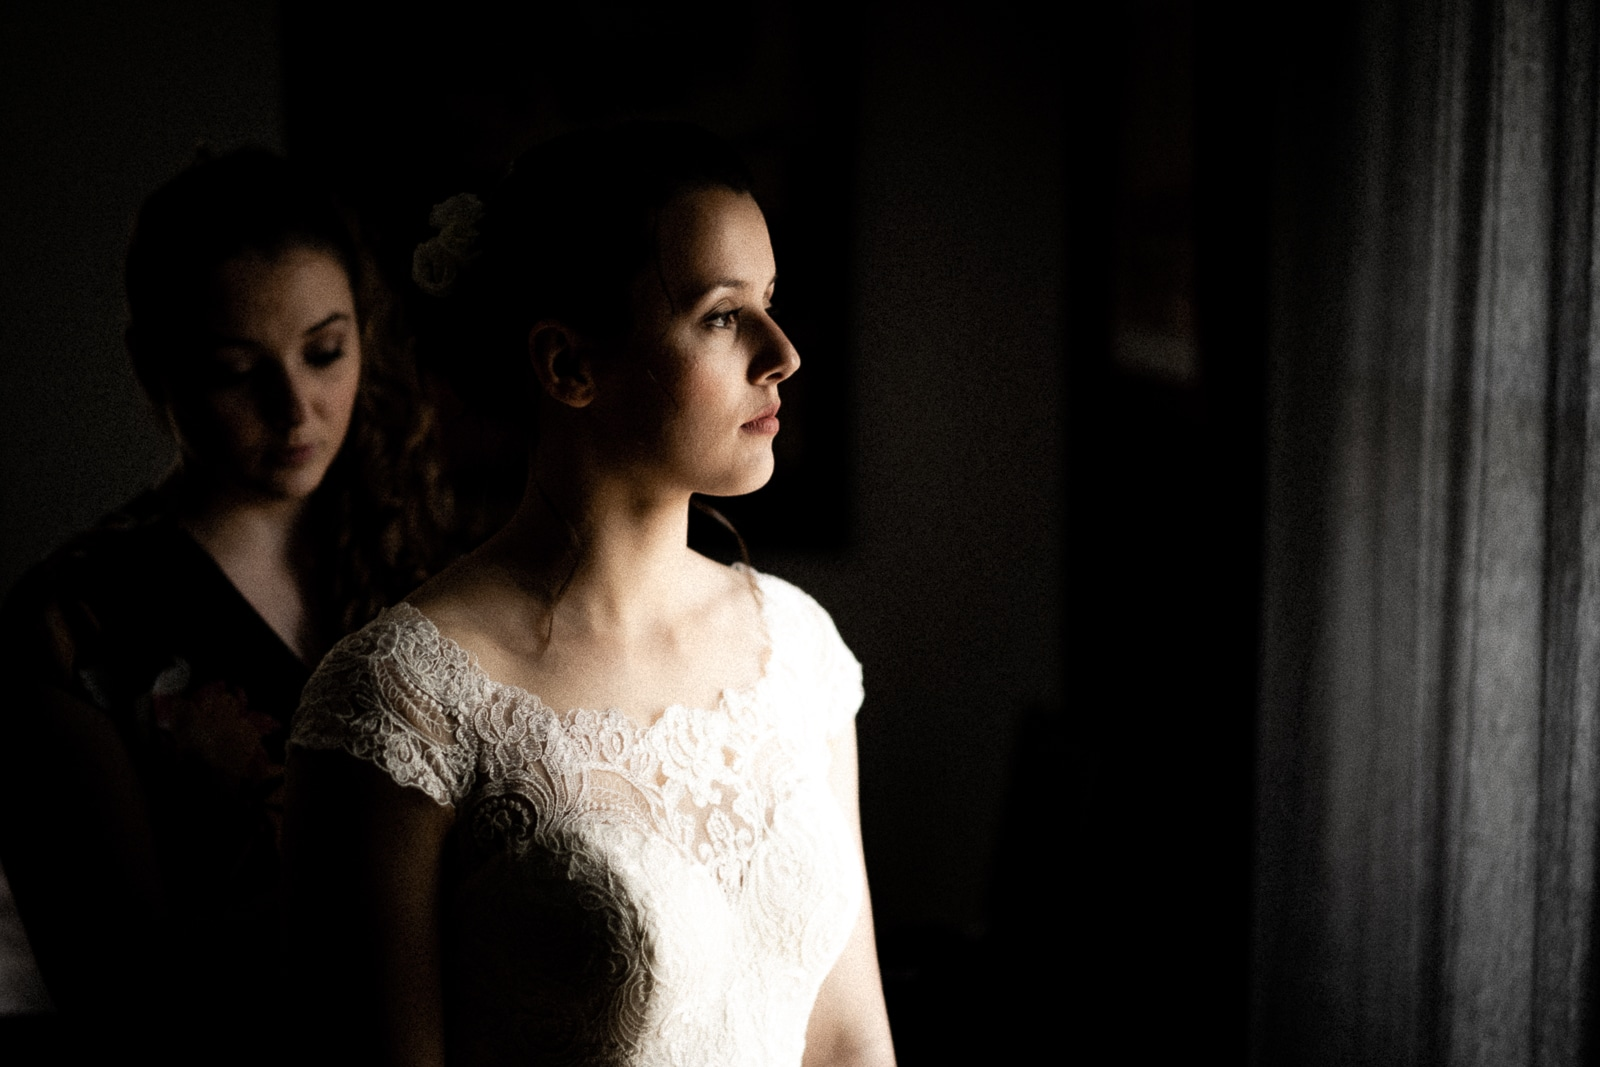 Mariage d'Ophélie et Christophe à Montargis d'un photojournaliste